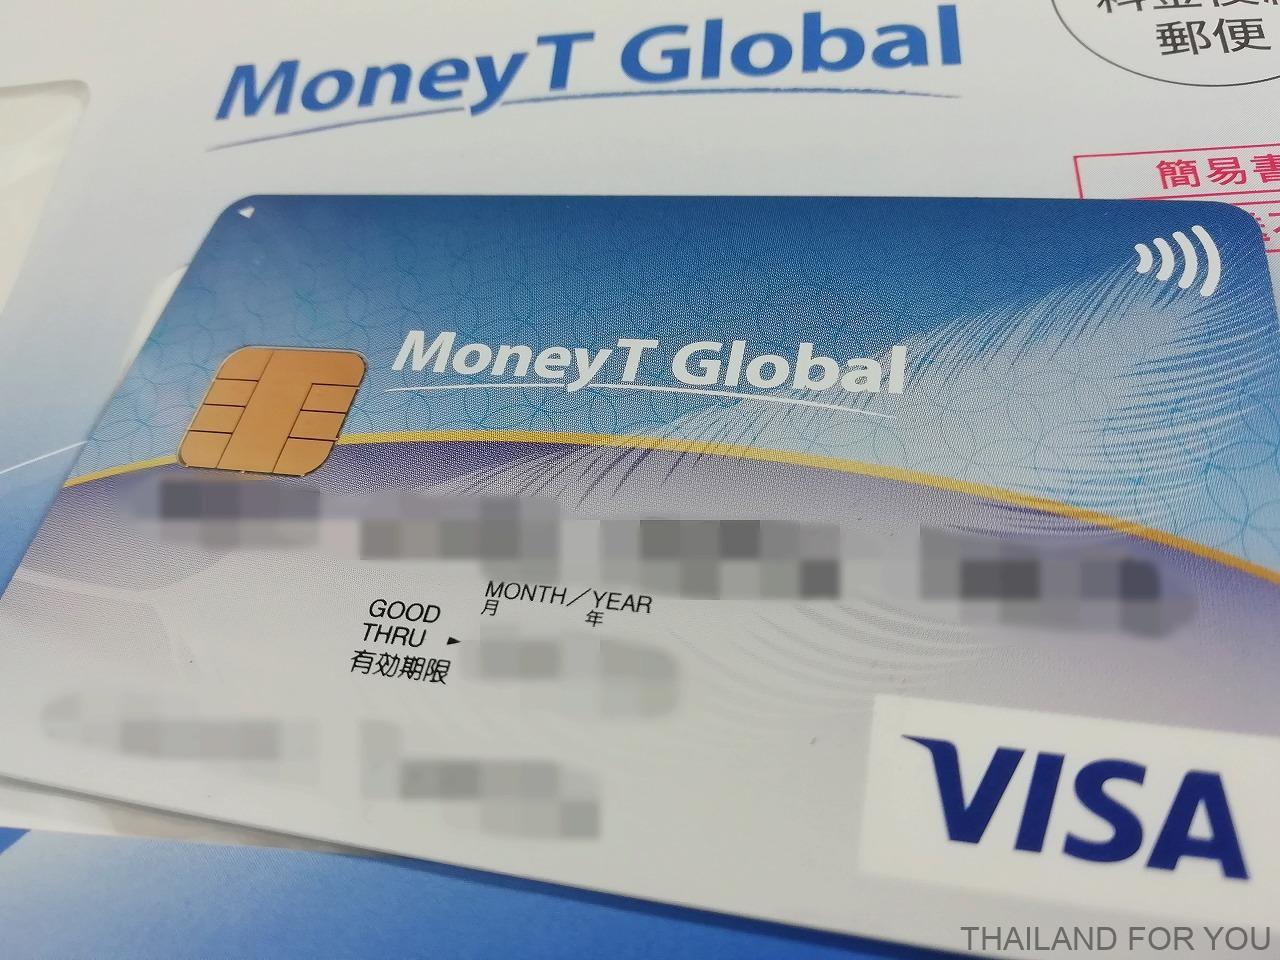 マネーティーグローバル MoneyT Global